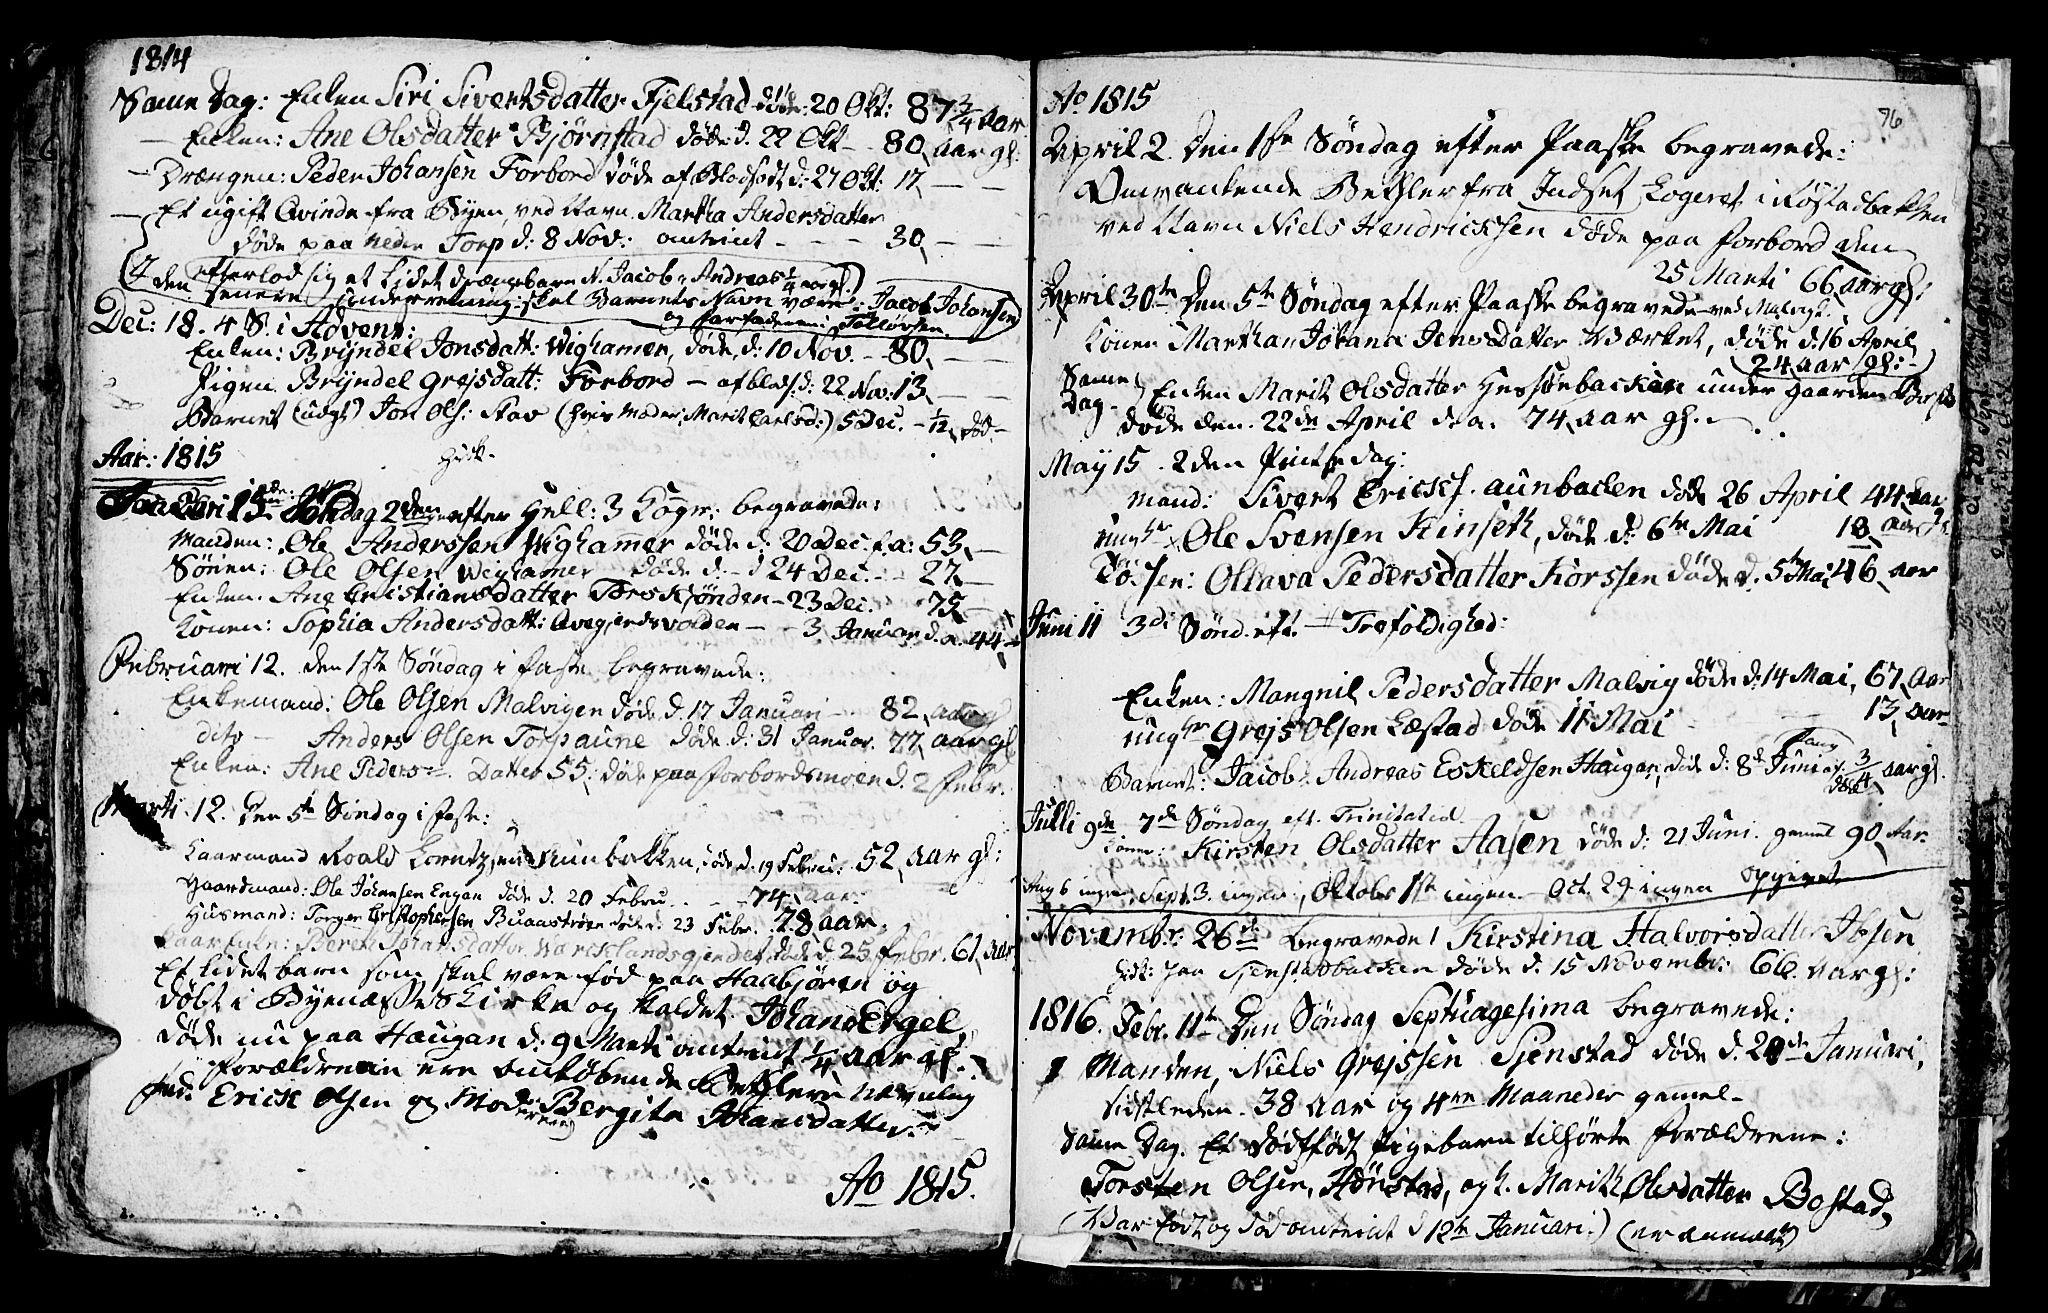 SAT, Ministerialprotokoller, klokkerbøker og fødselsregistre - Sør-Trøndelag, 616/L0419: Klokkerbok nr. 616C02, 1797-1816, s. 76